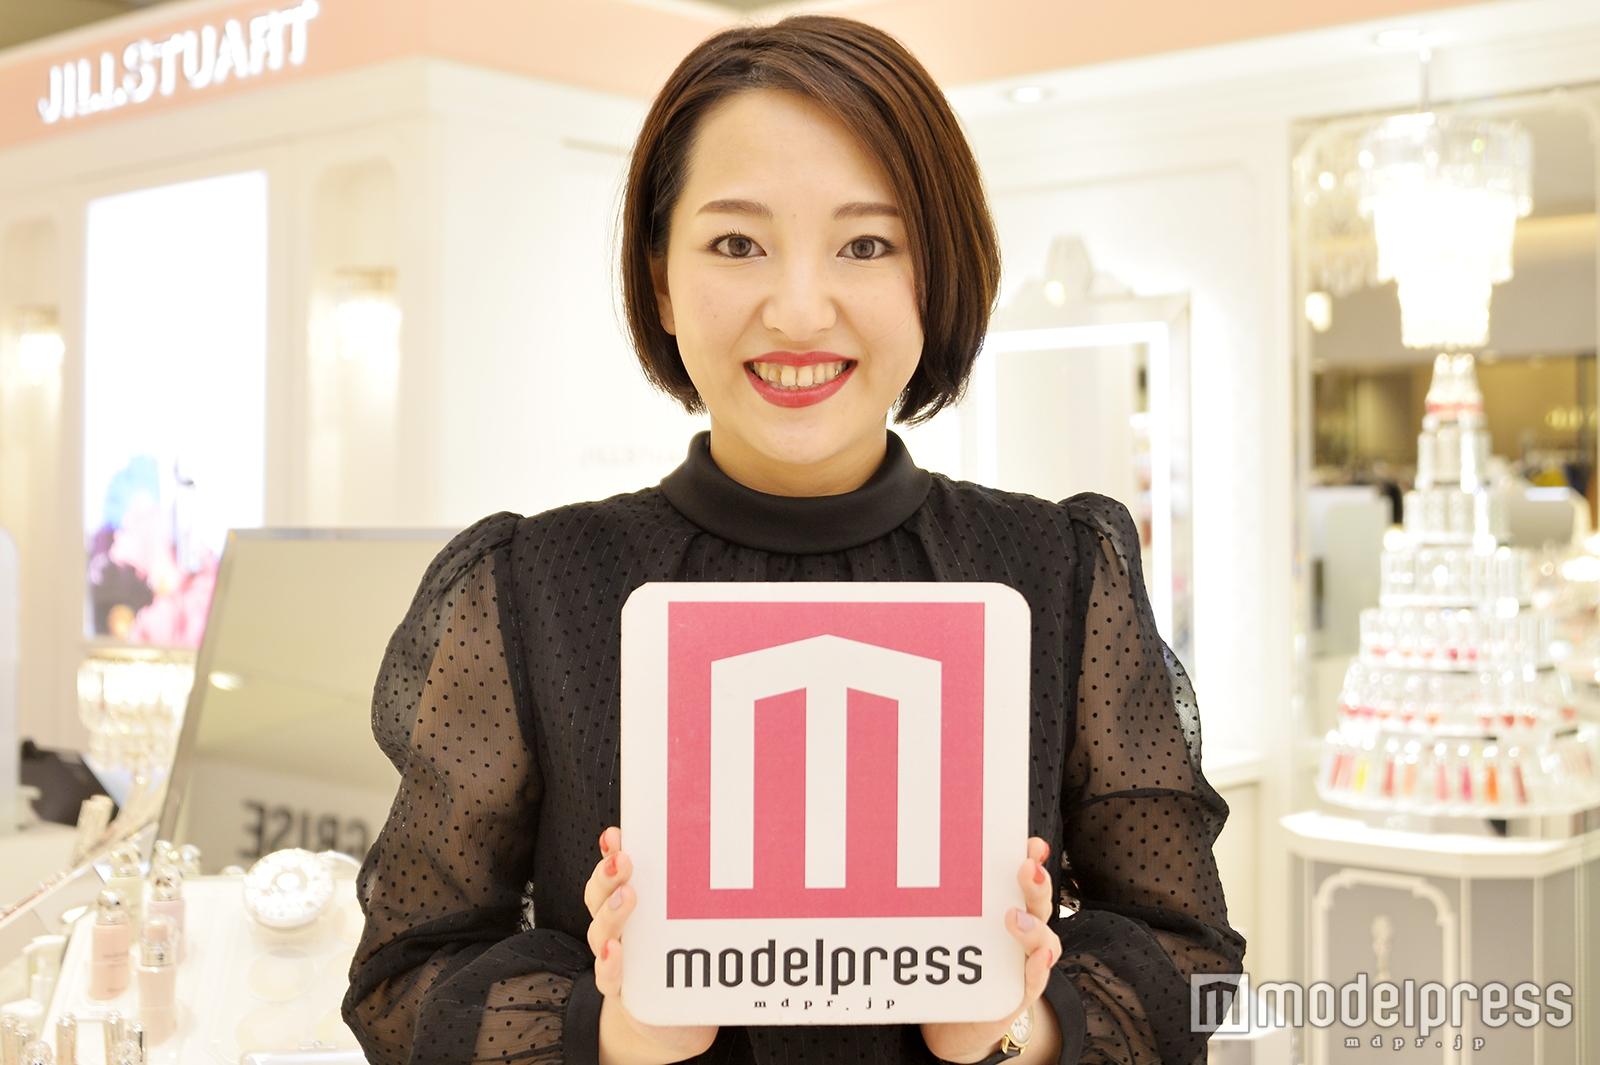 足立悠希子さん(C)モデルプレス